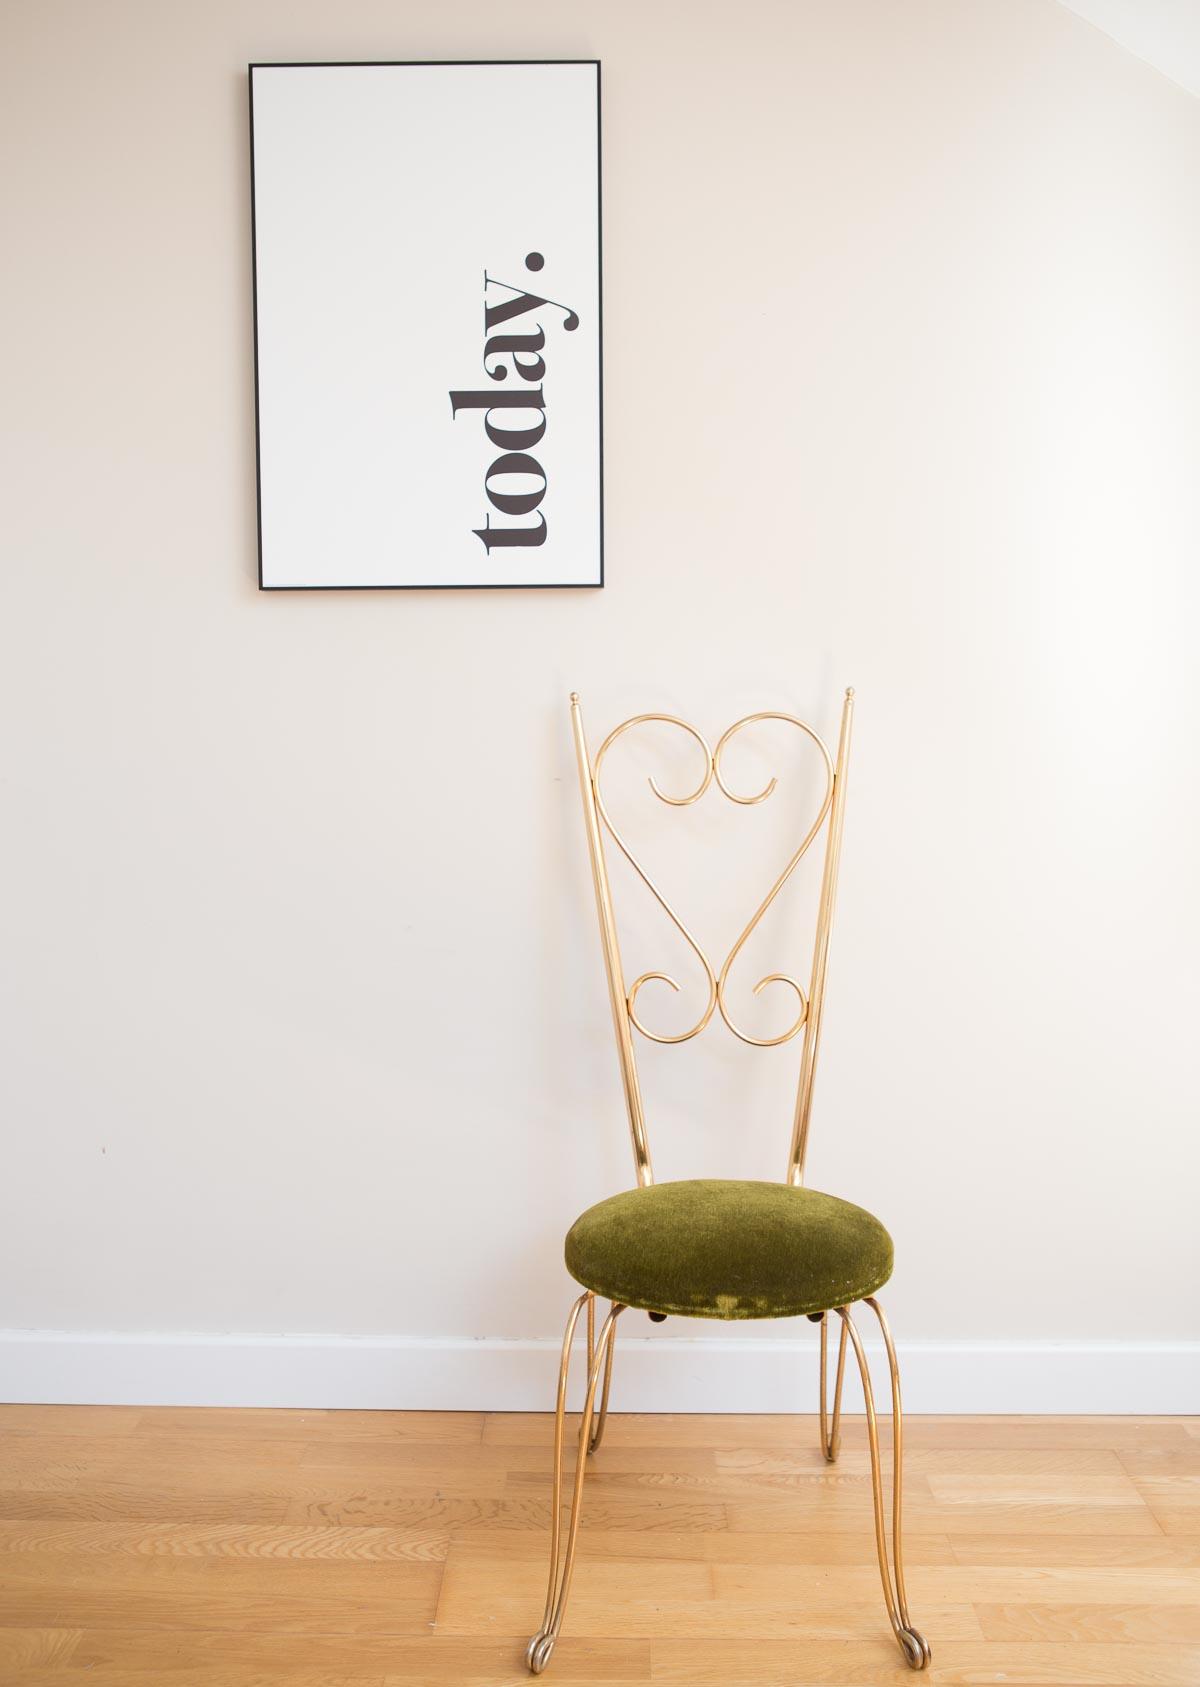 Silla metal dorado a os 50 60 chaise metal dor ann es - Sillas anos 60 ...